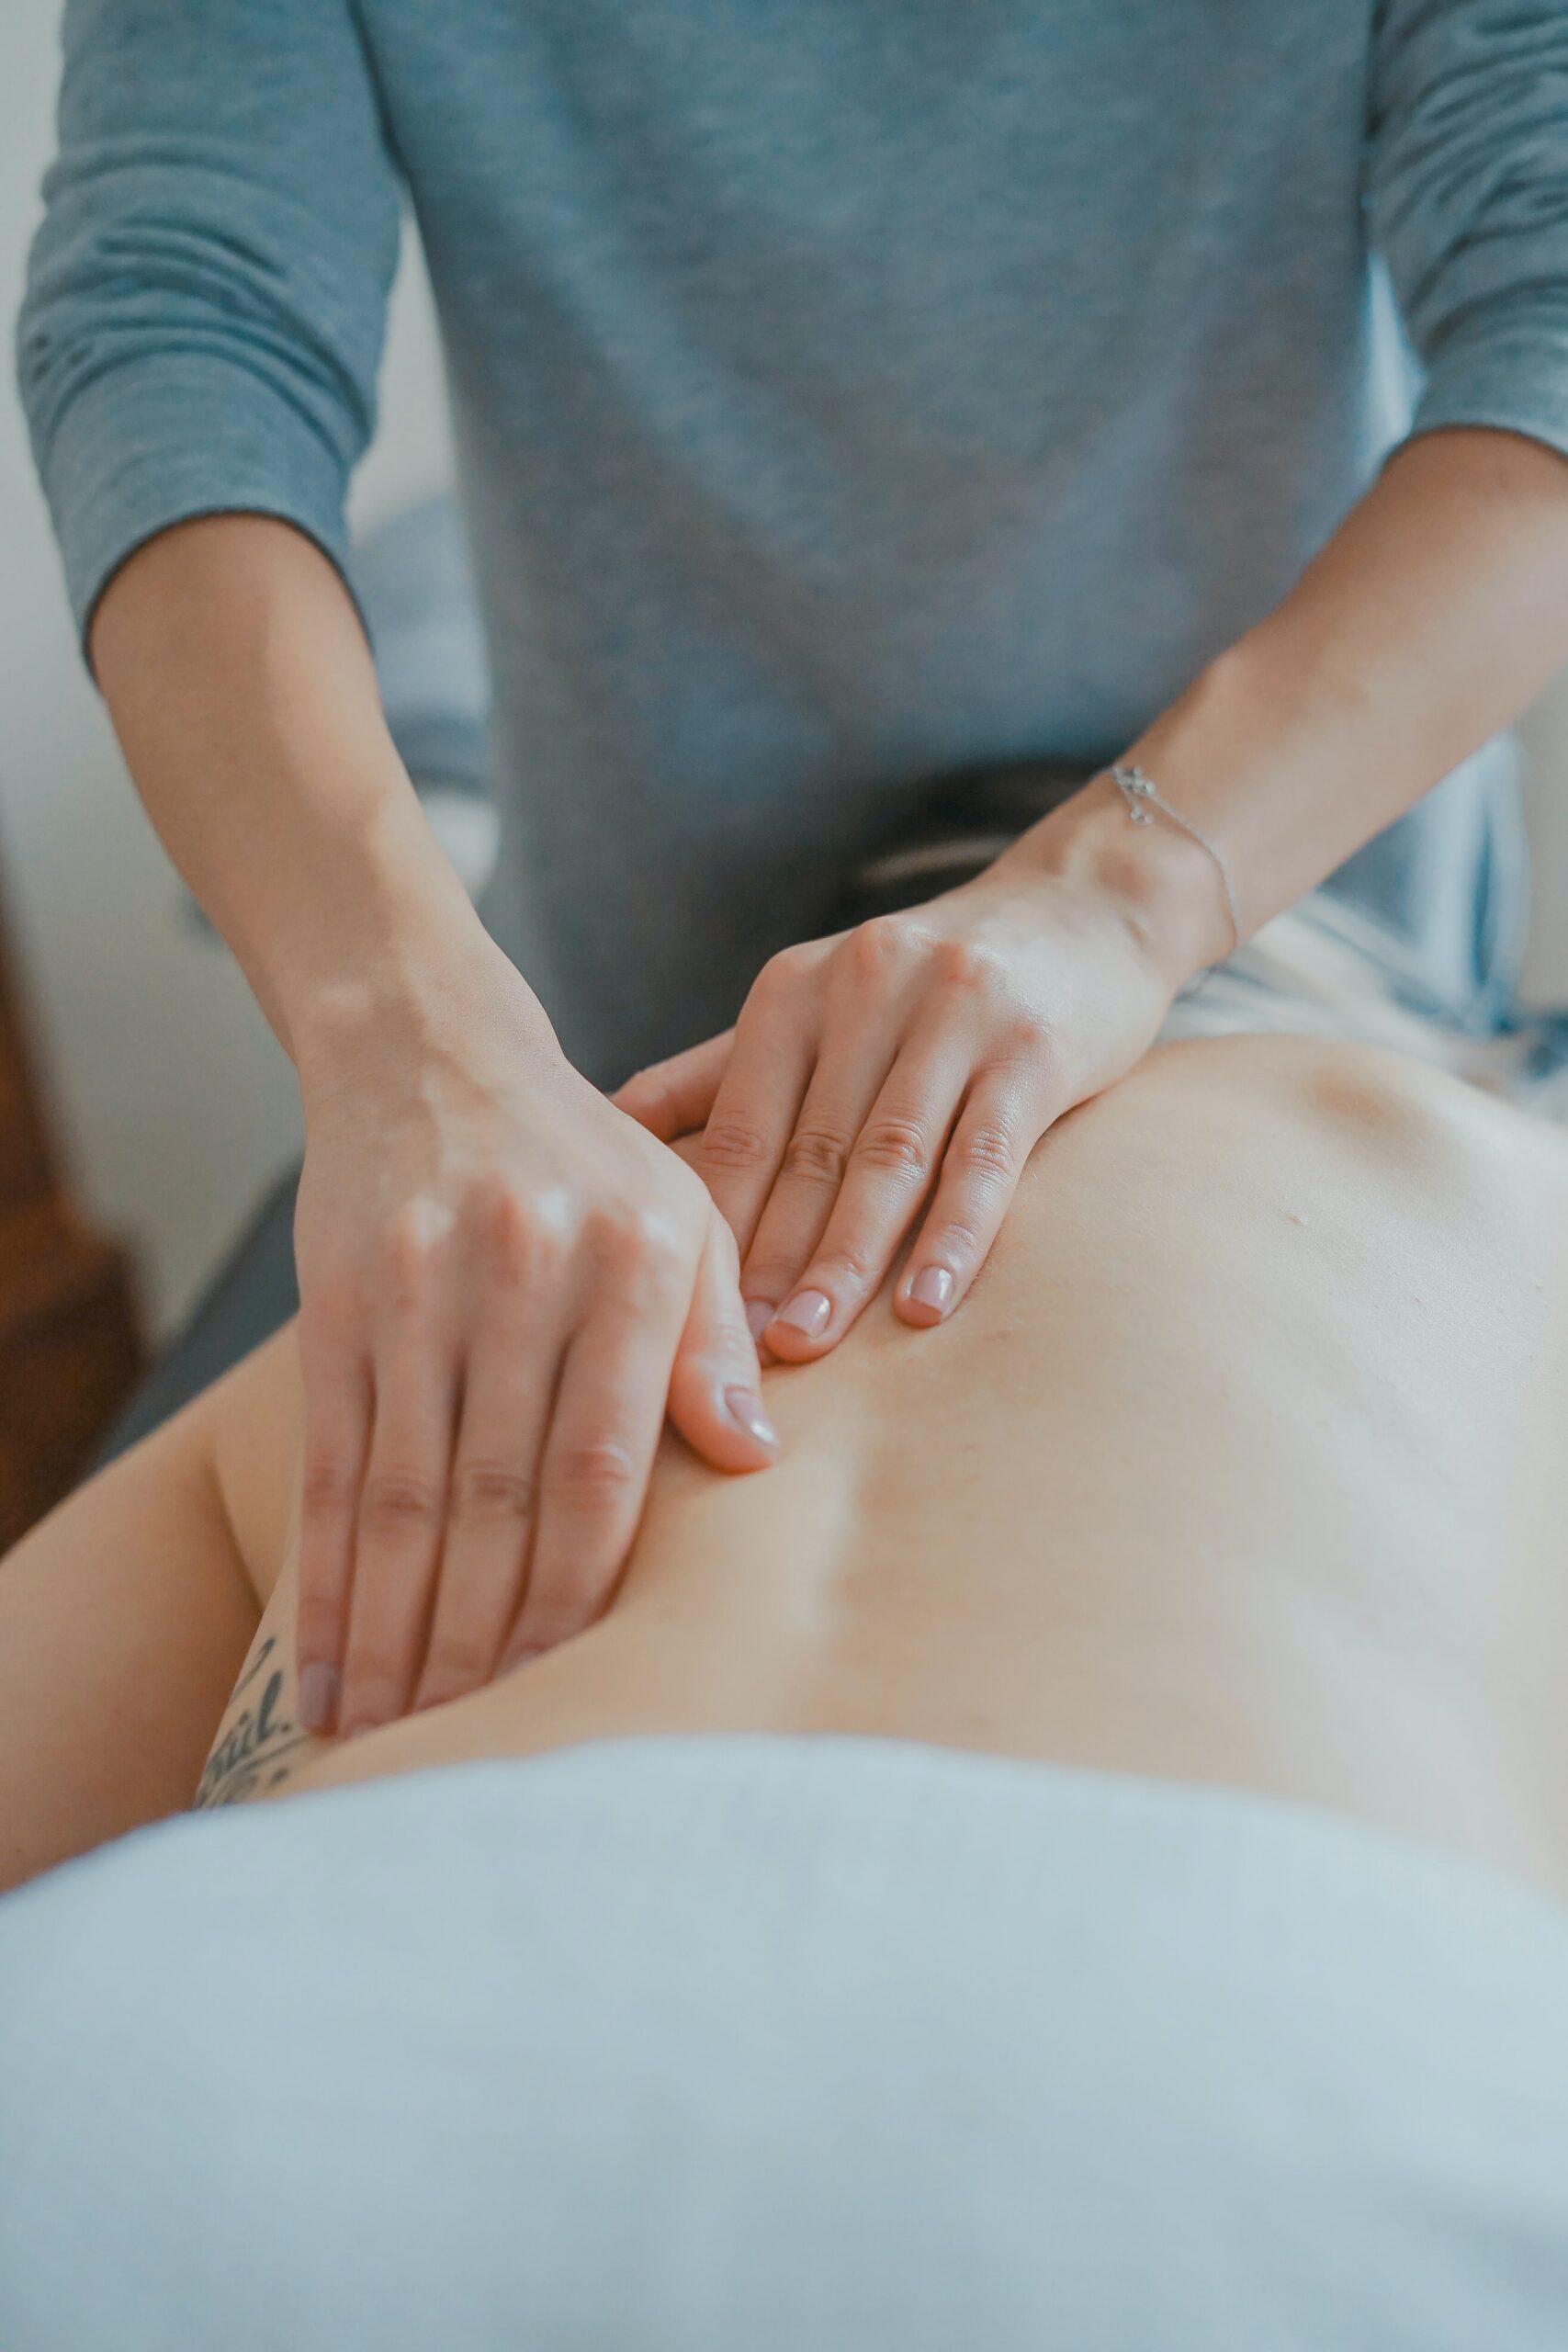 Fysioterapeut i Slagelse